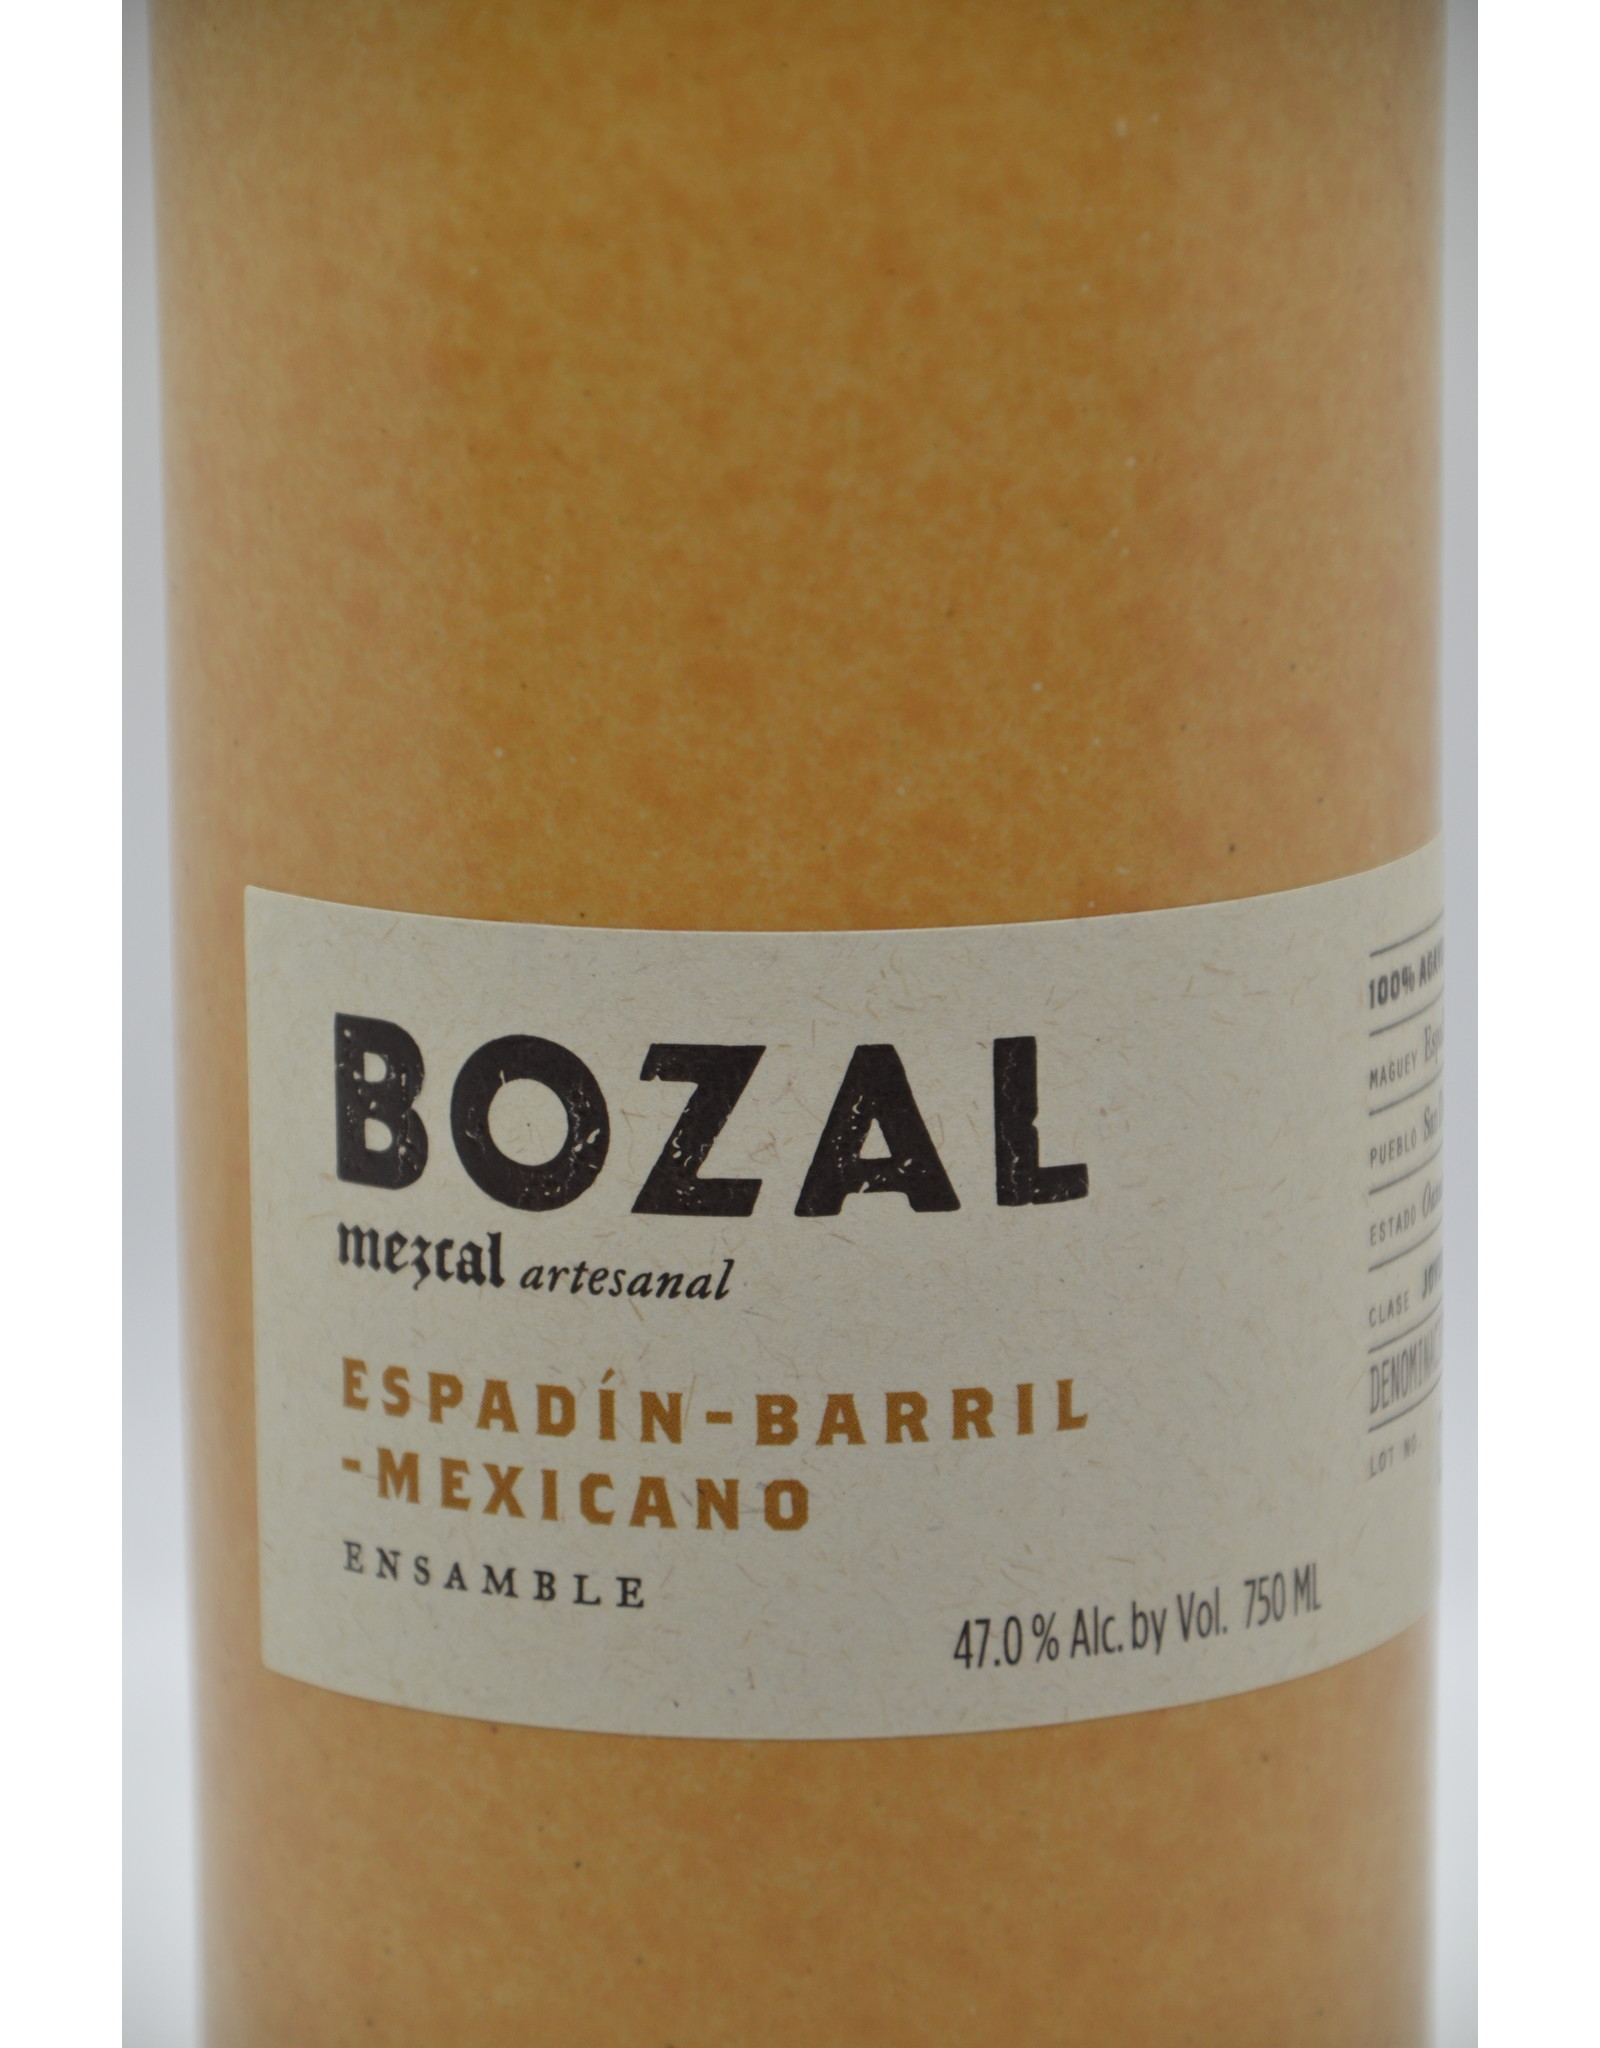 Mexico Bozal Mezcal